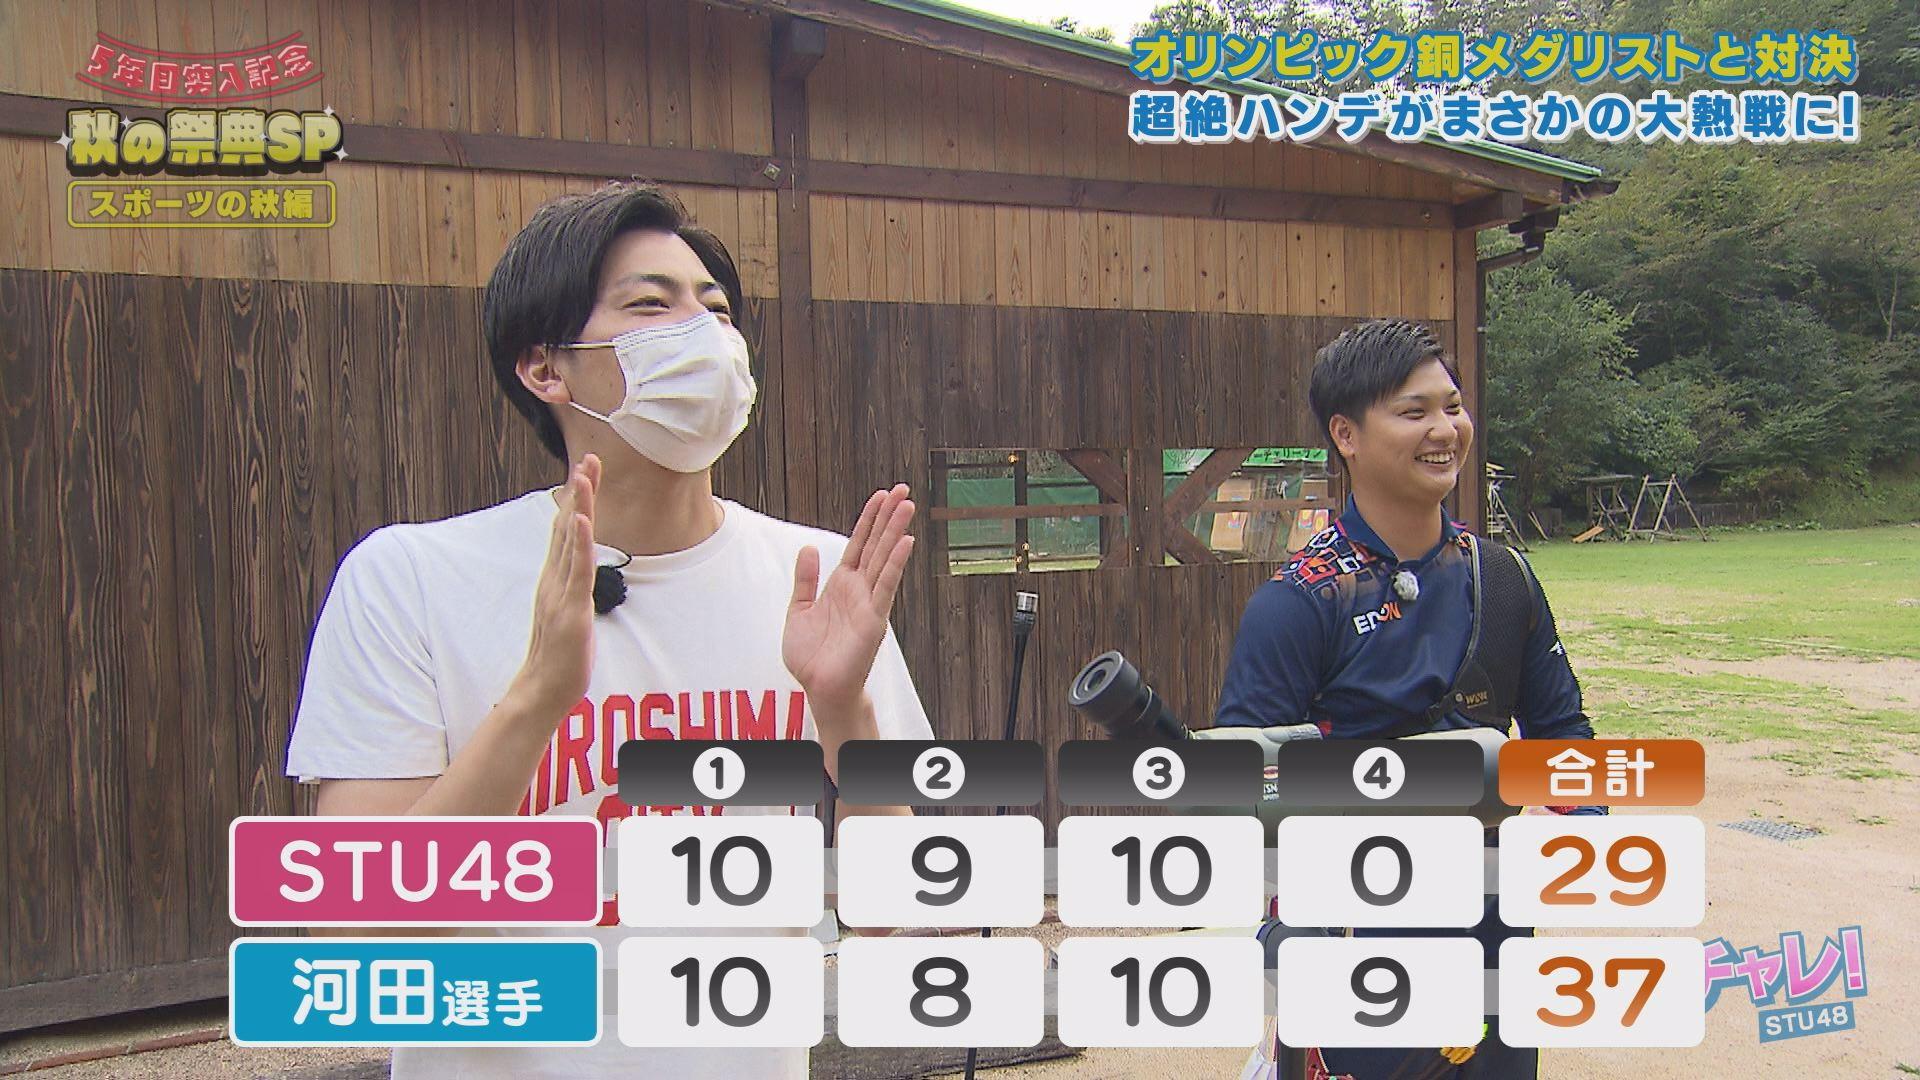 29対37で河田選手の勝利